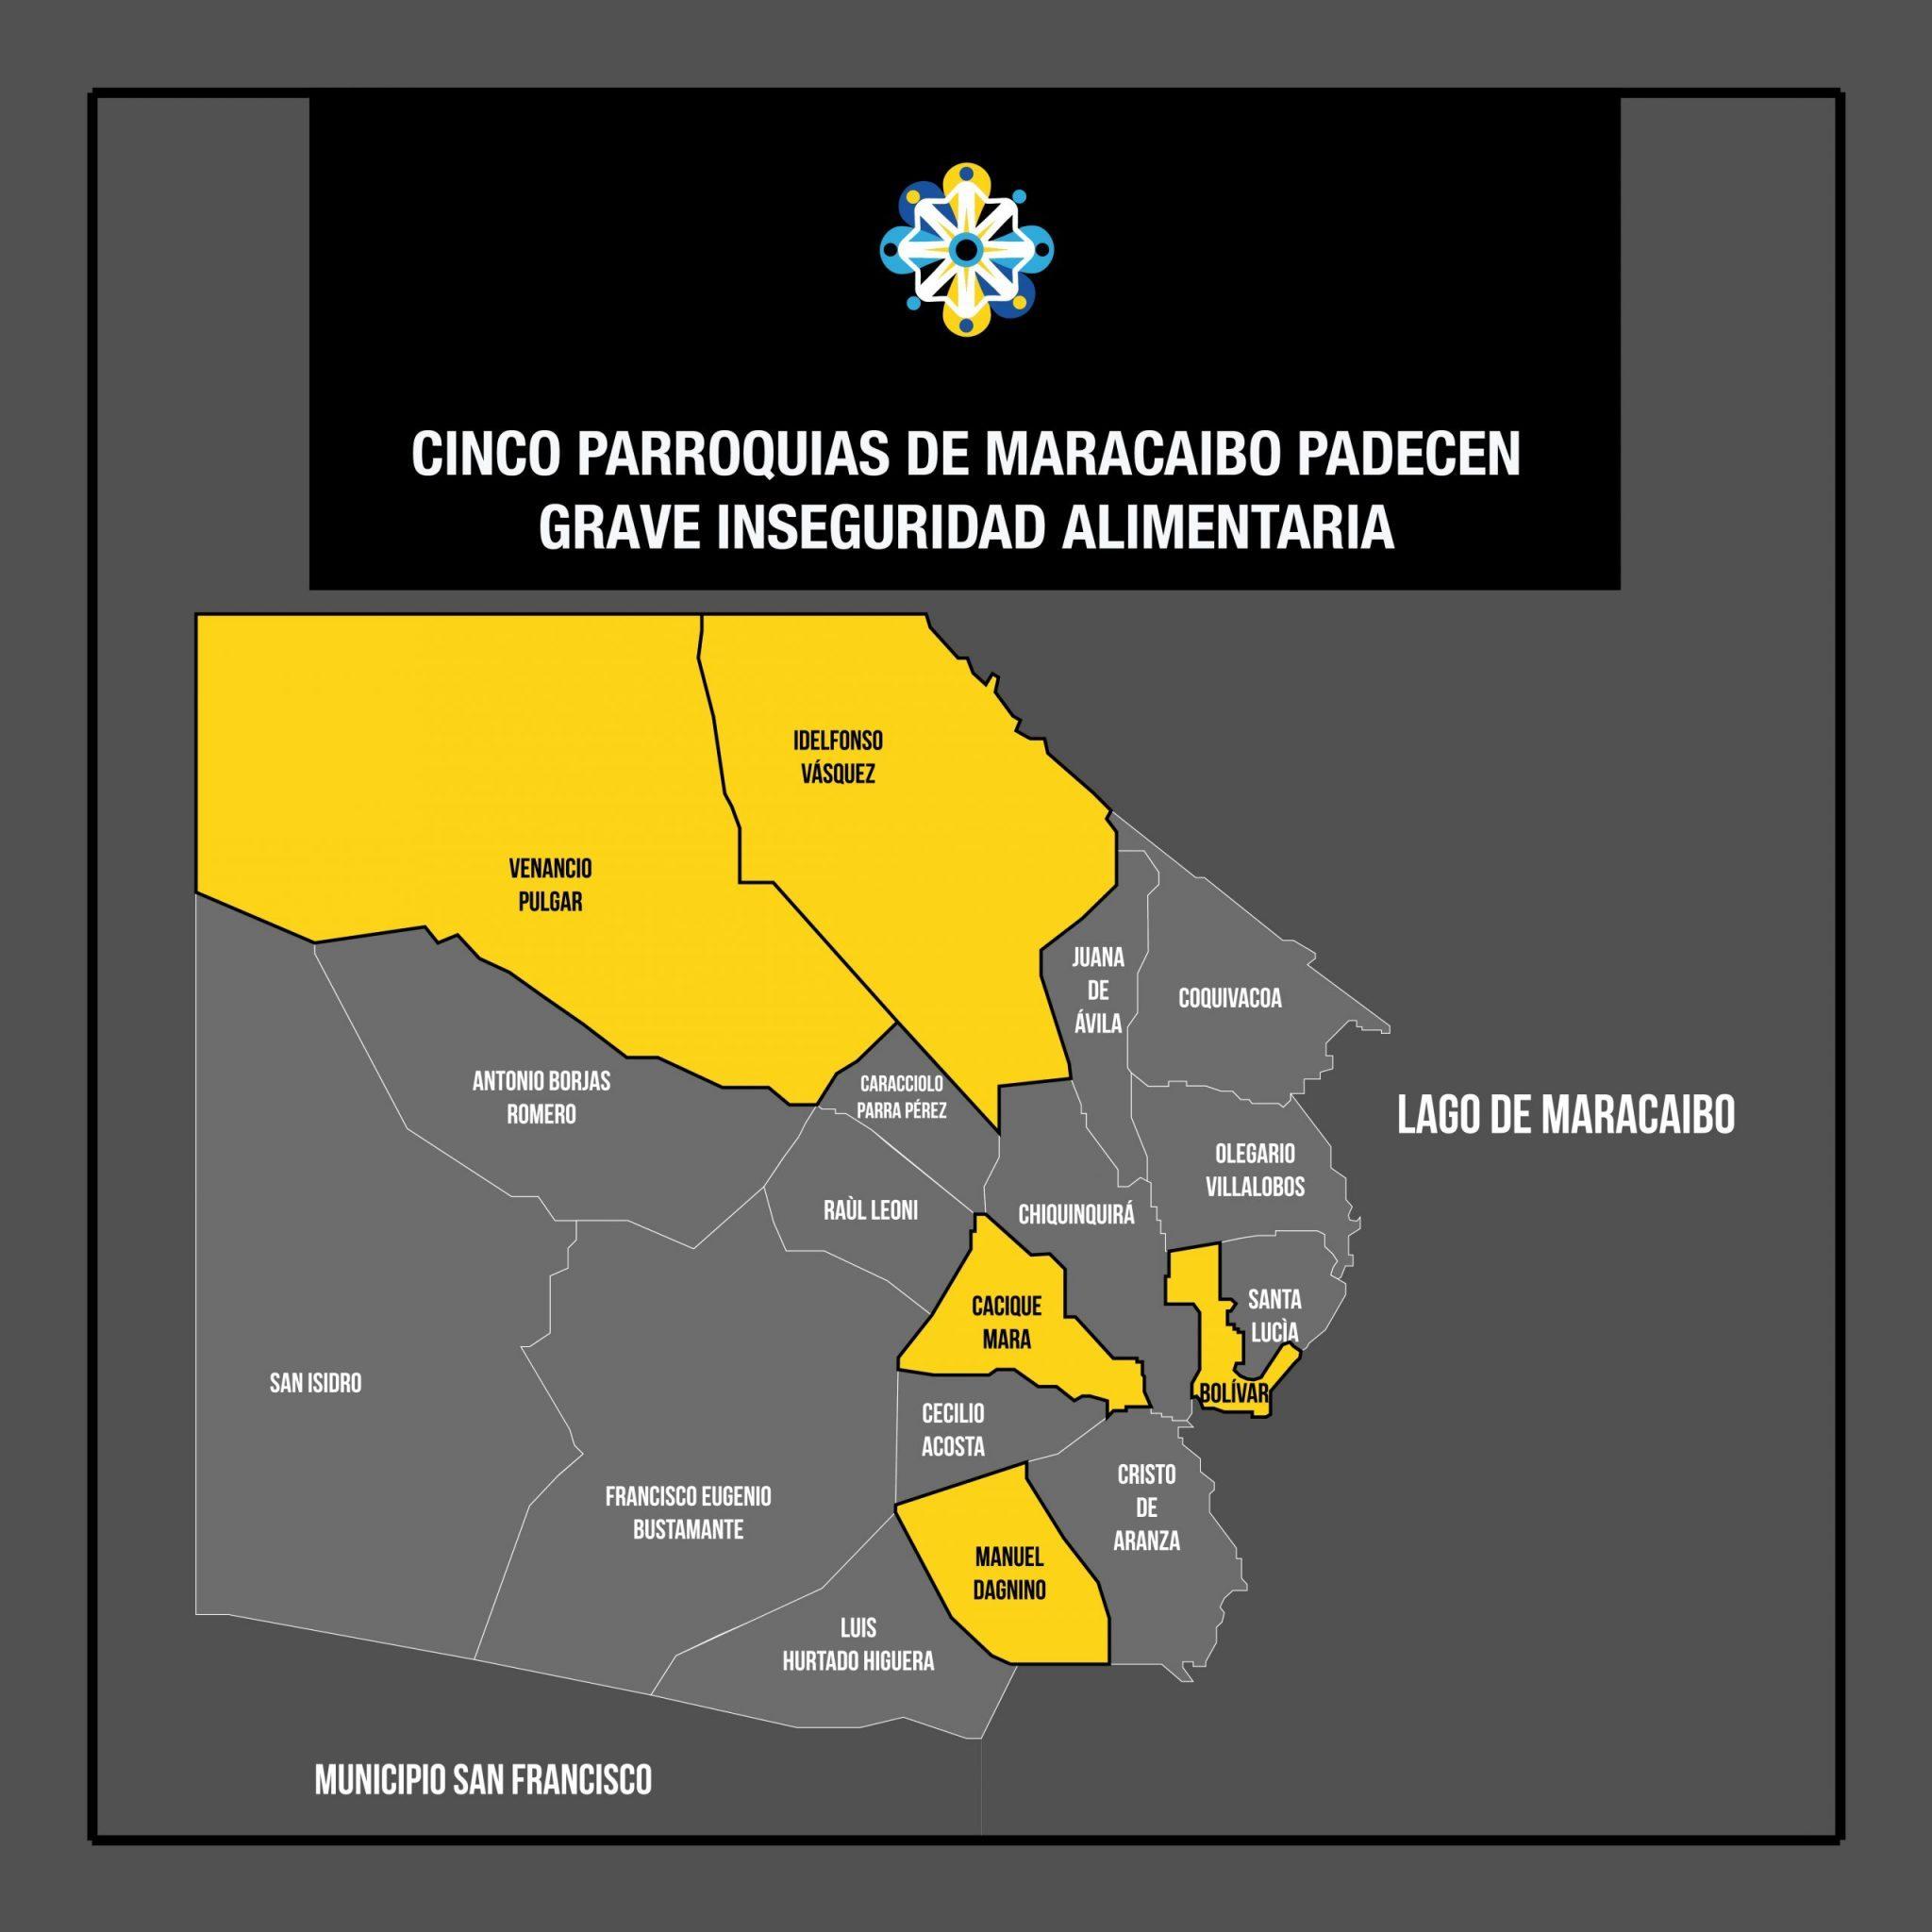 Cinco parroquias de Maracaibo padecen grave inseguridad alimentaria